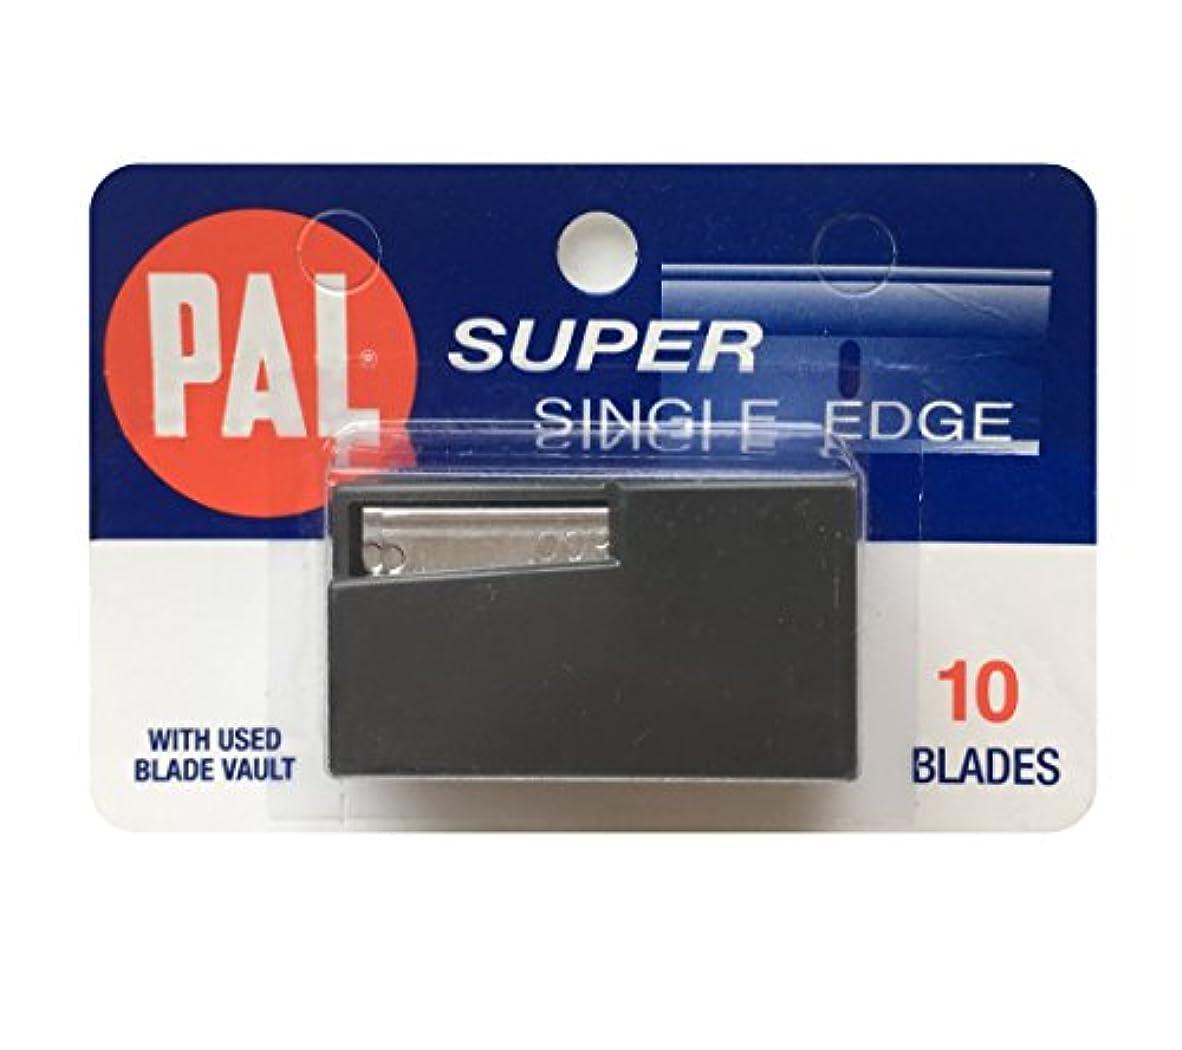 ハードウェア縫い目交通PAL SUPER (パル スーパー)シングルエッジ 片刃替刃 10枚入り [並行輸入品]